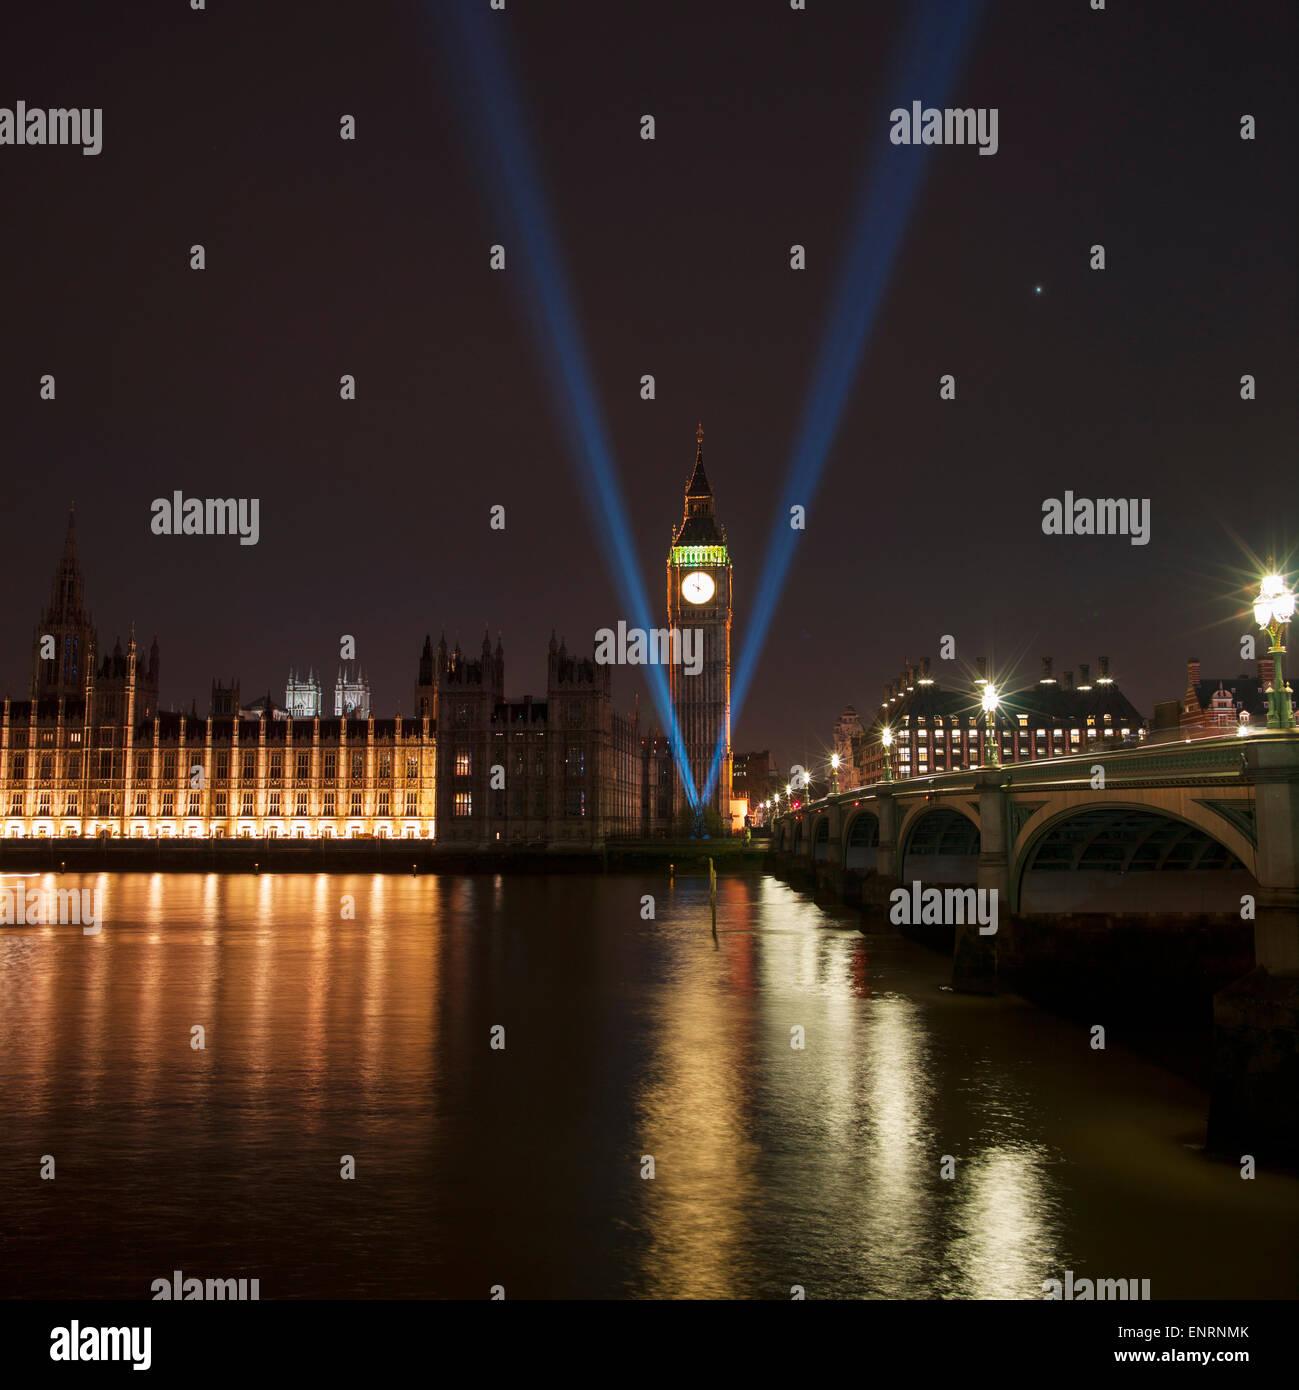 london-uk-10th-may-2015-70th-anniversary